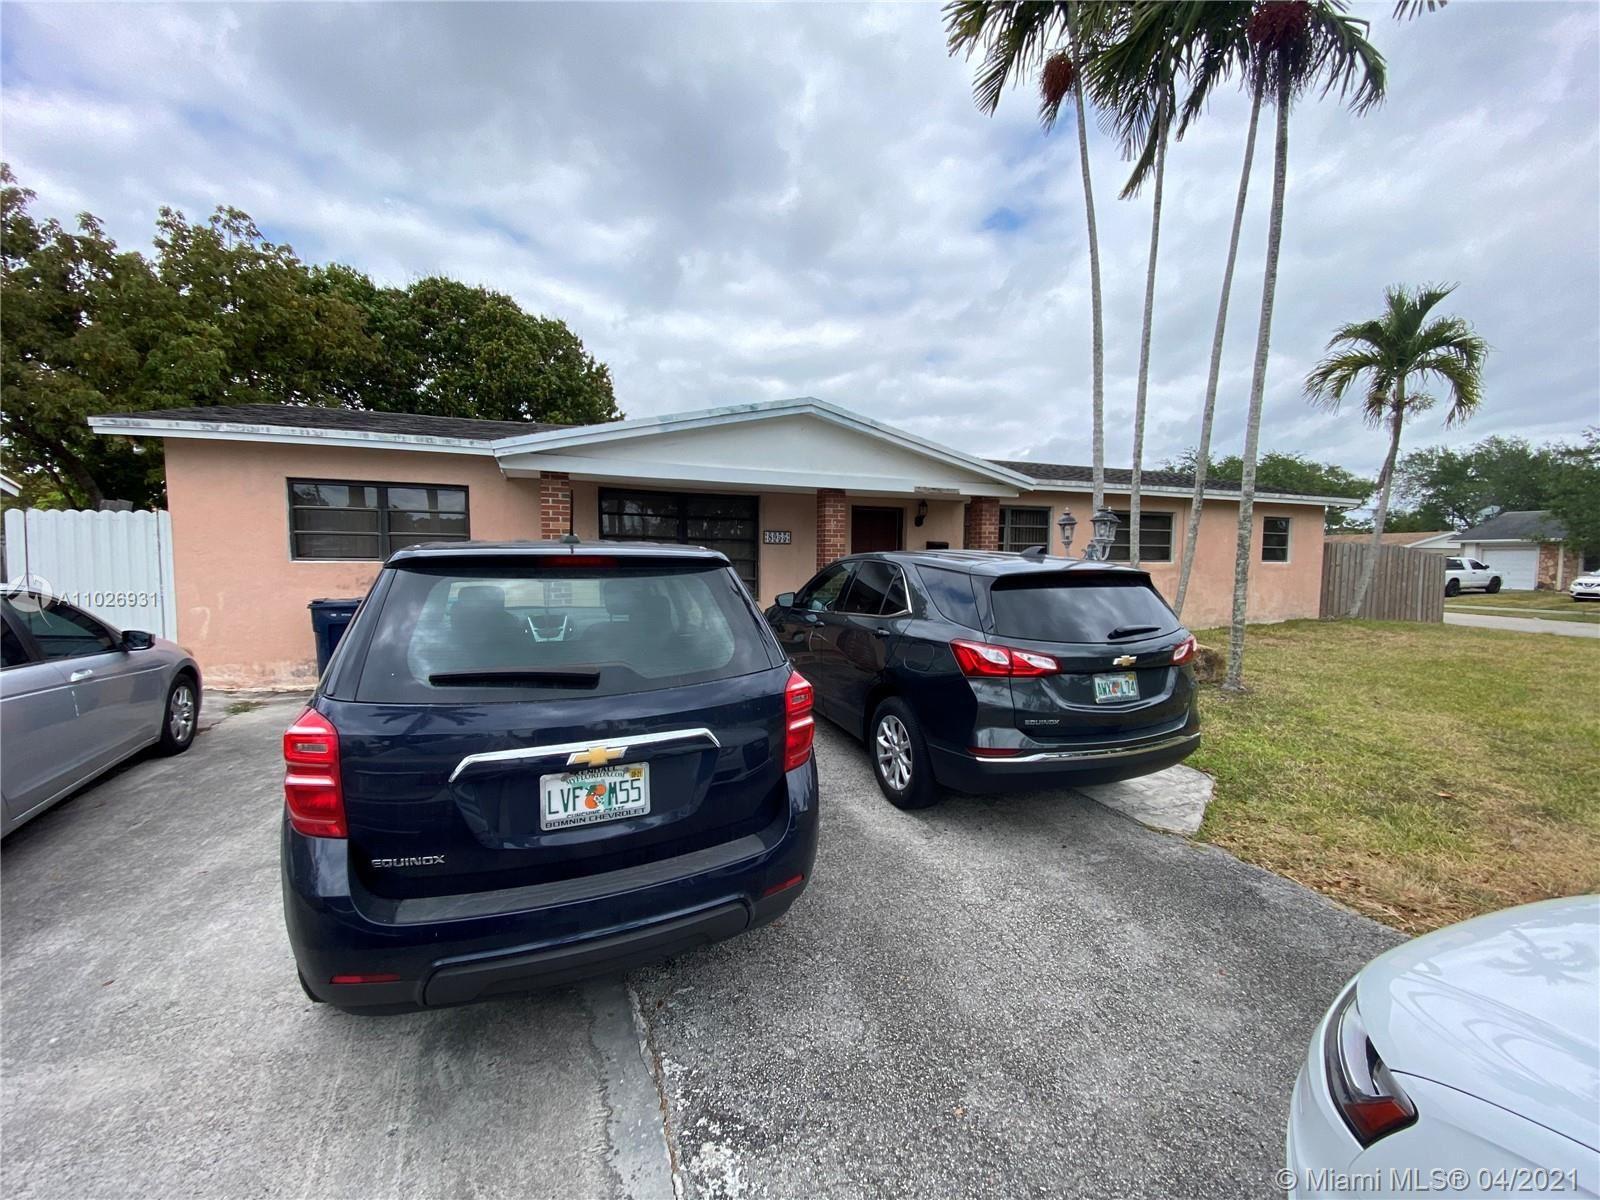 8955 Caribbean Blvd, Cutler Bay, FL 33157 - #: A11026931